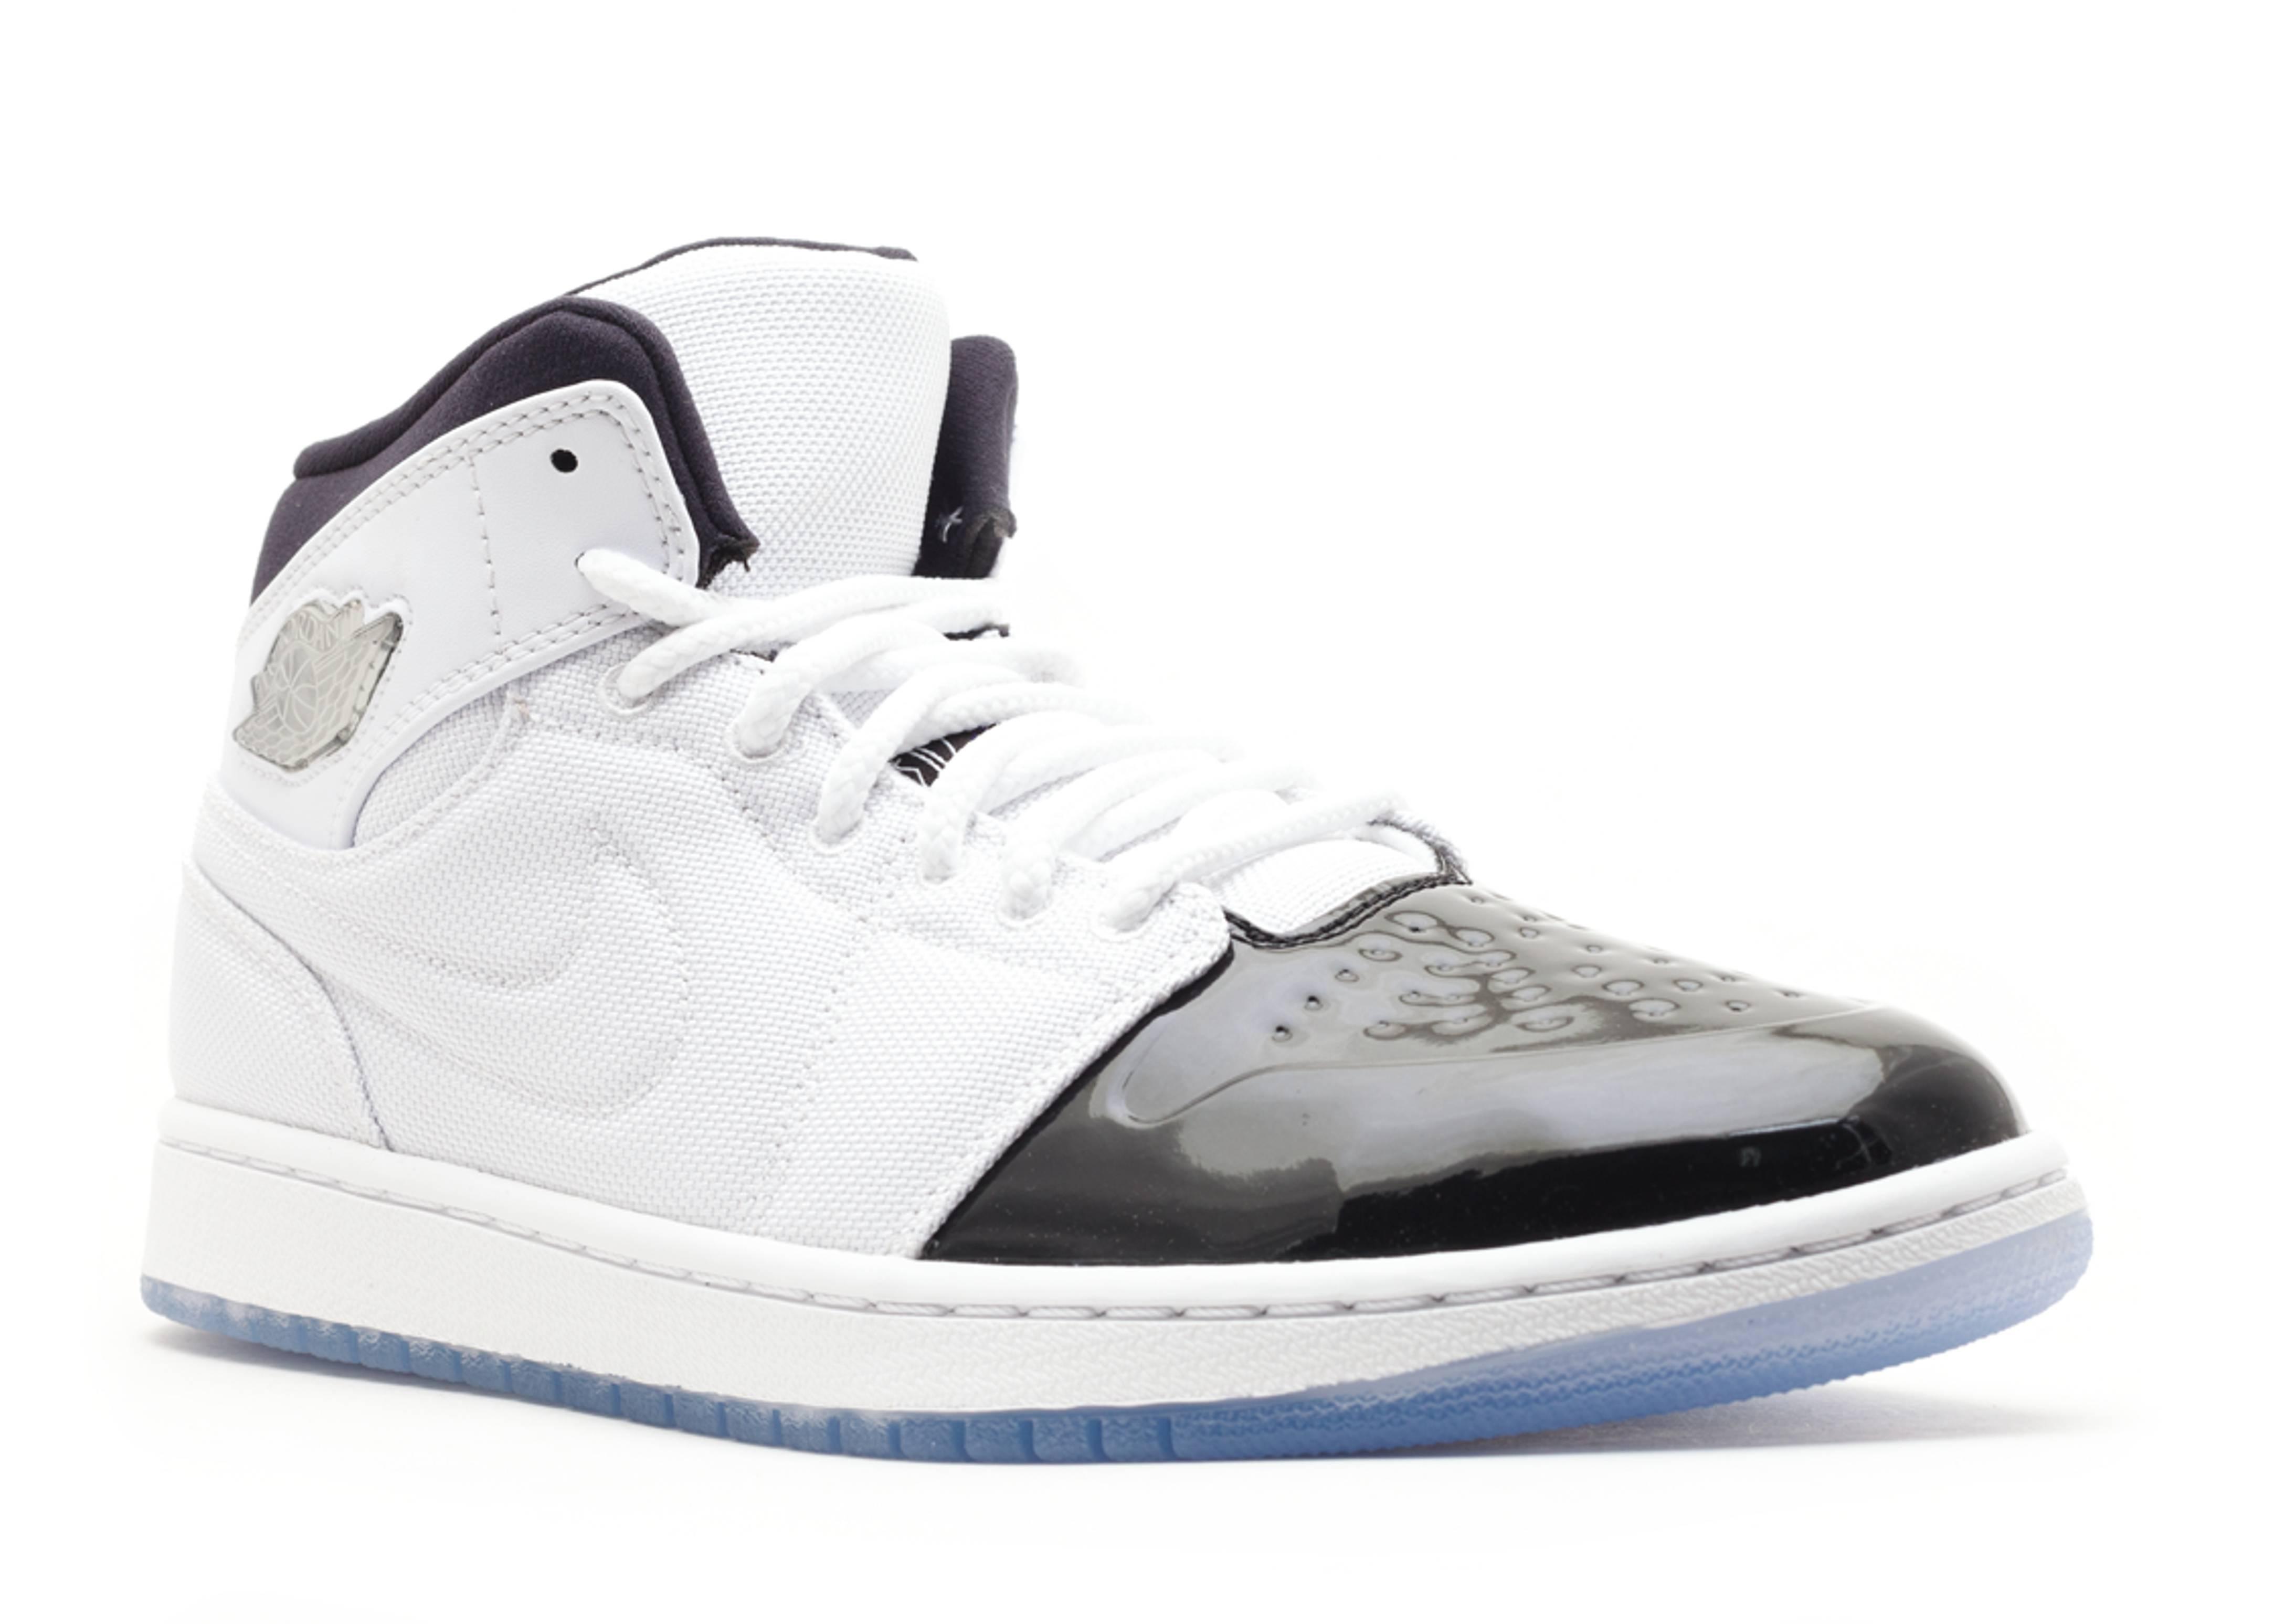 """nike air max hyped basket chaussure de femmes - air jordan 1 retro 95 """"concord"""" - white/black/dark concord ..."""